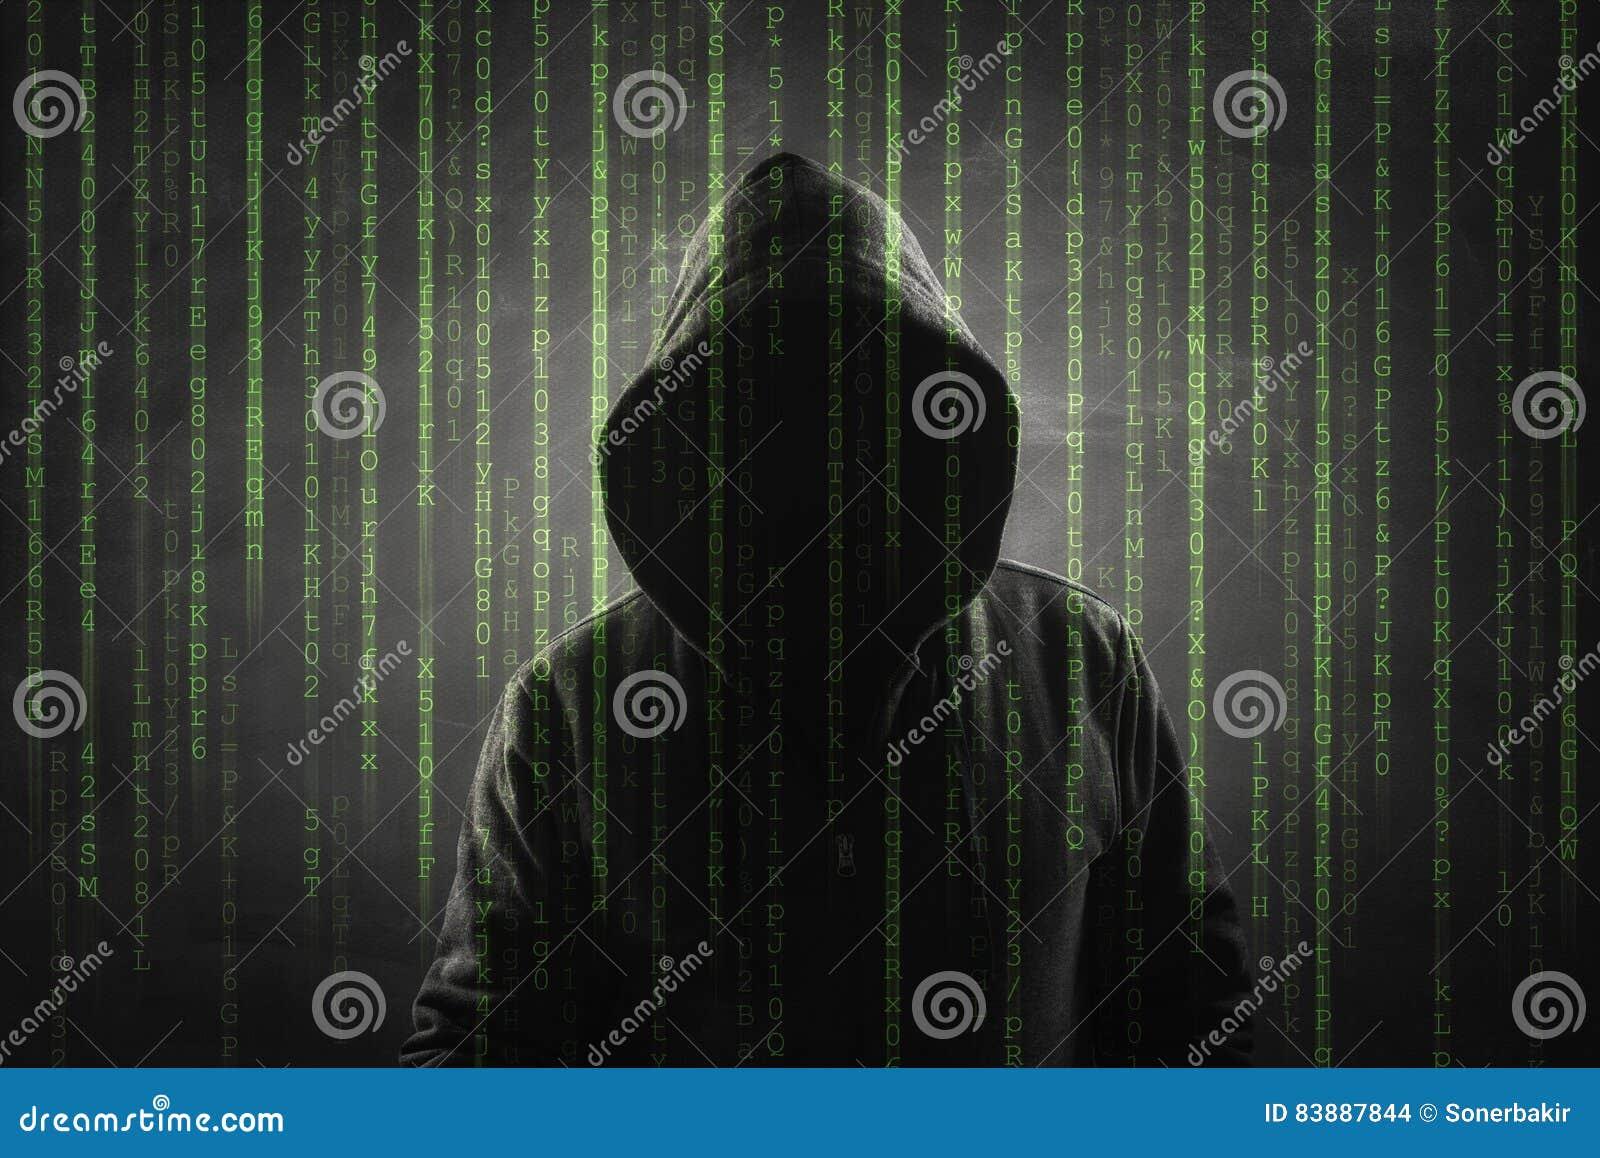 Hacker sobre uma tela verde com código binário